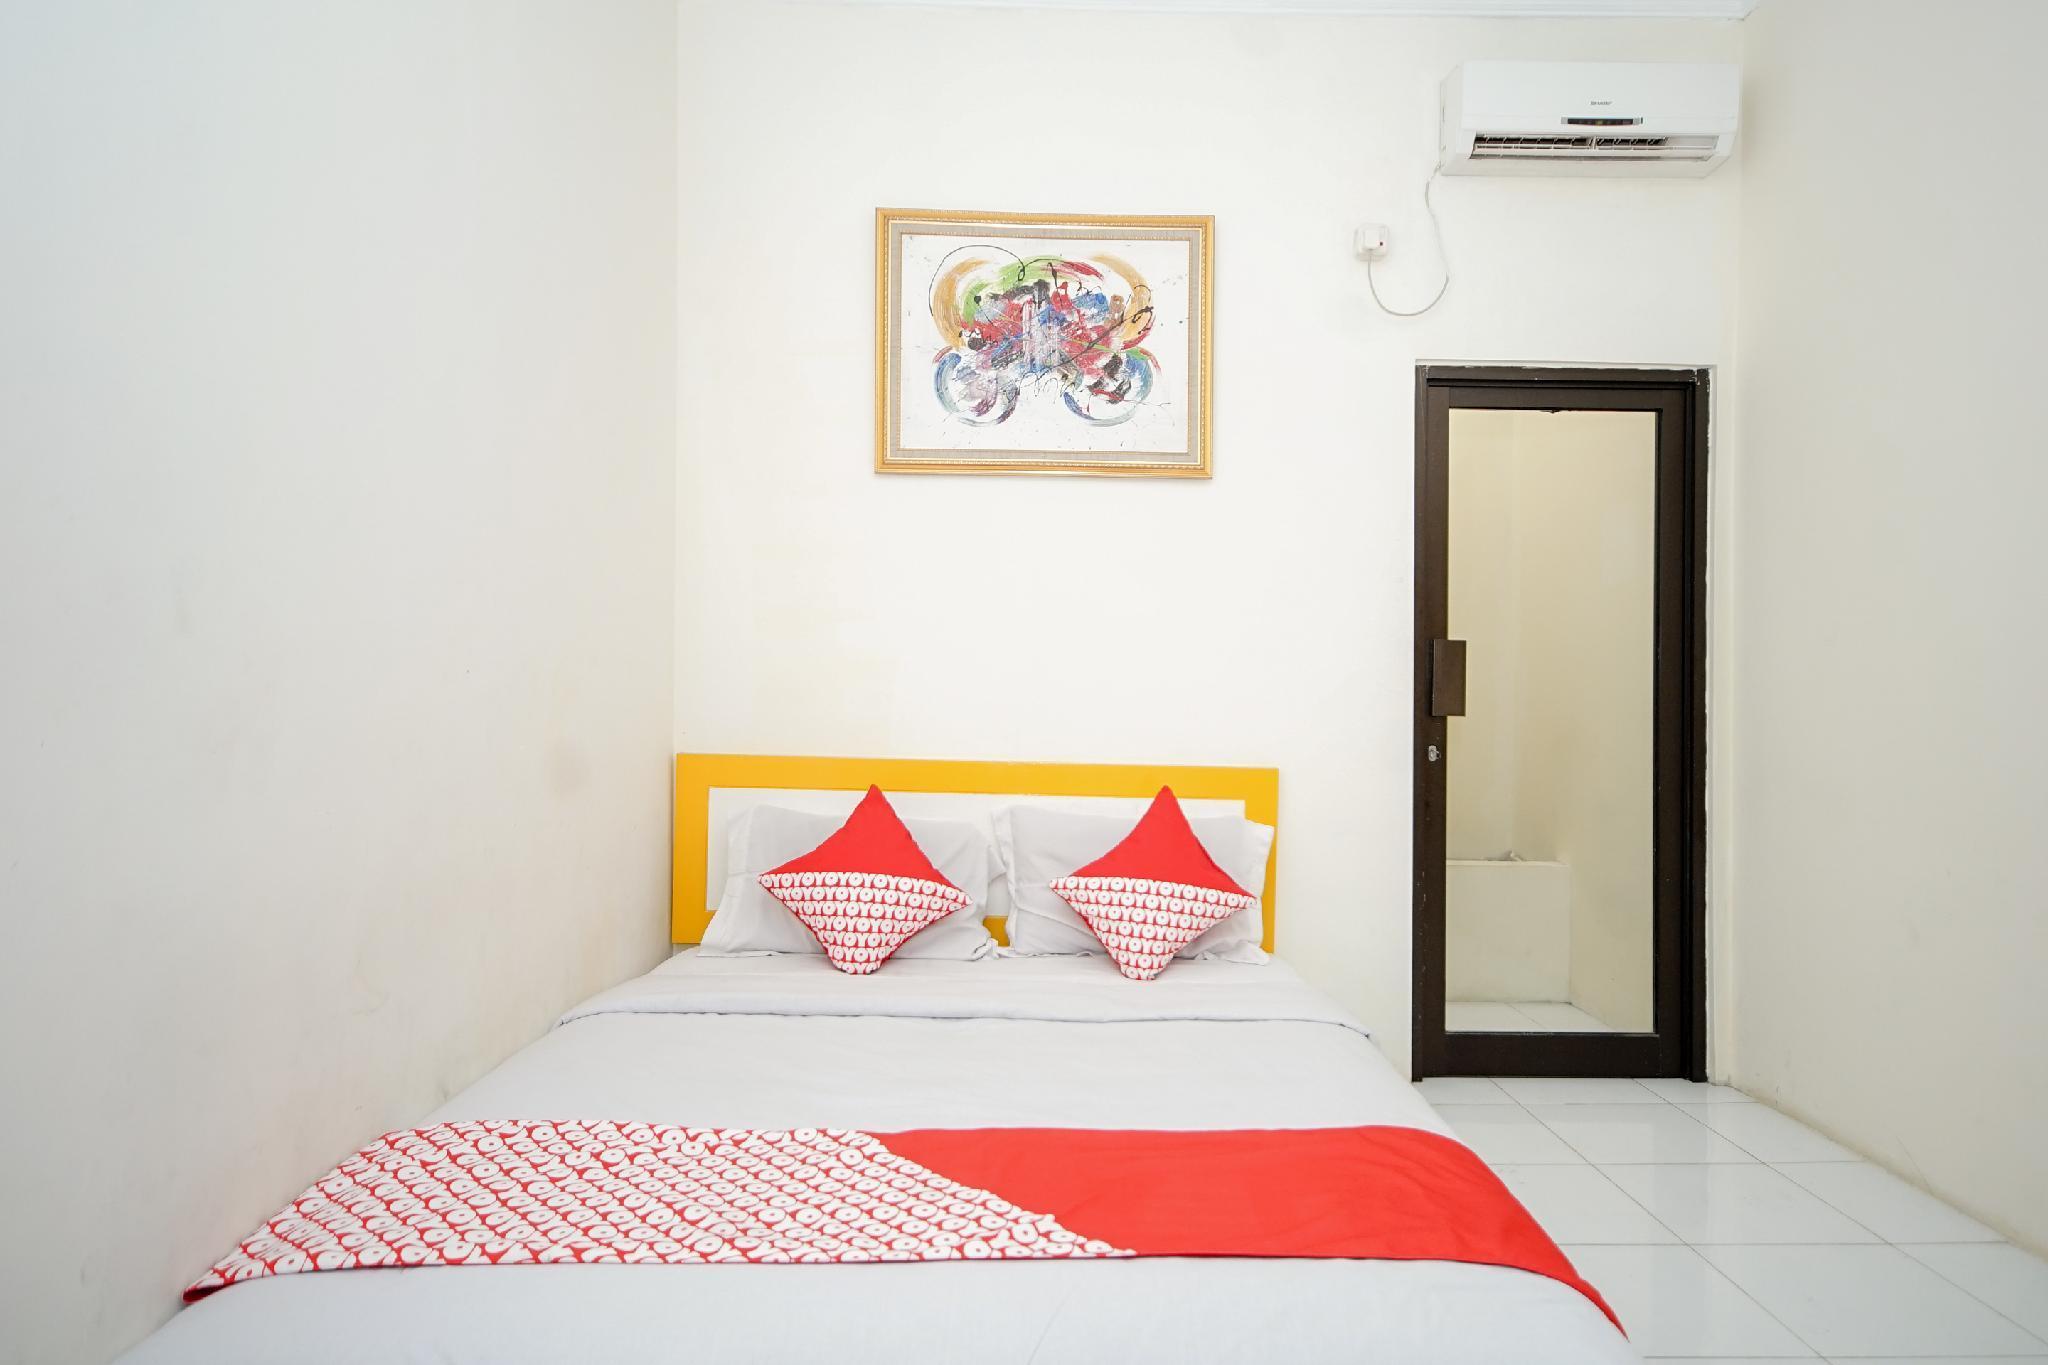 OYO 325 Maleo Residence Palembang II, Palembang